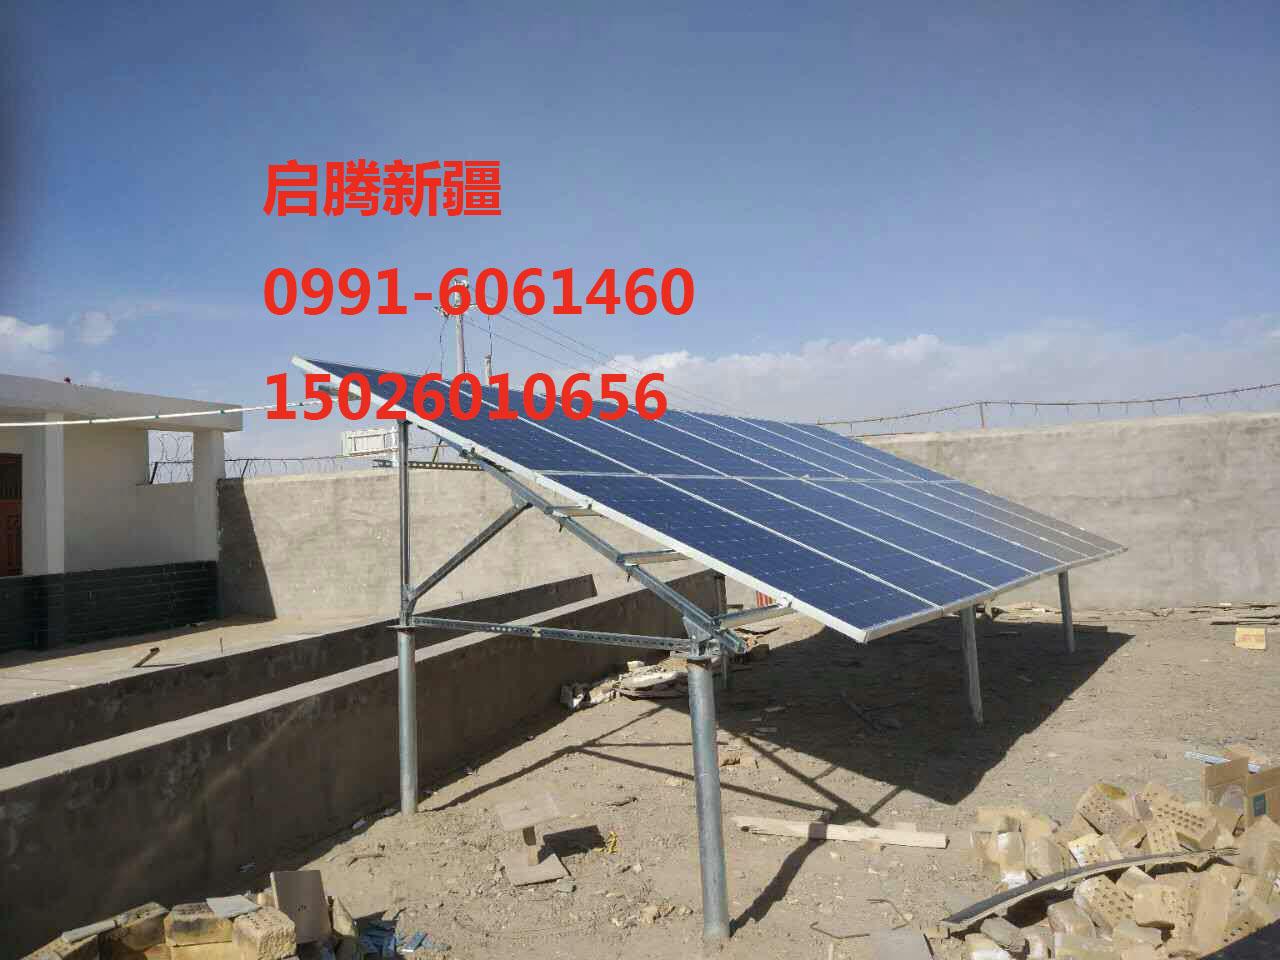 价位合理的新疆太阳能发电站代理新疆太阳能发电站总代理公司_买好的新疆太阳能发电站,就选启腾科技新疆分公司